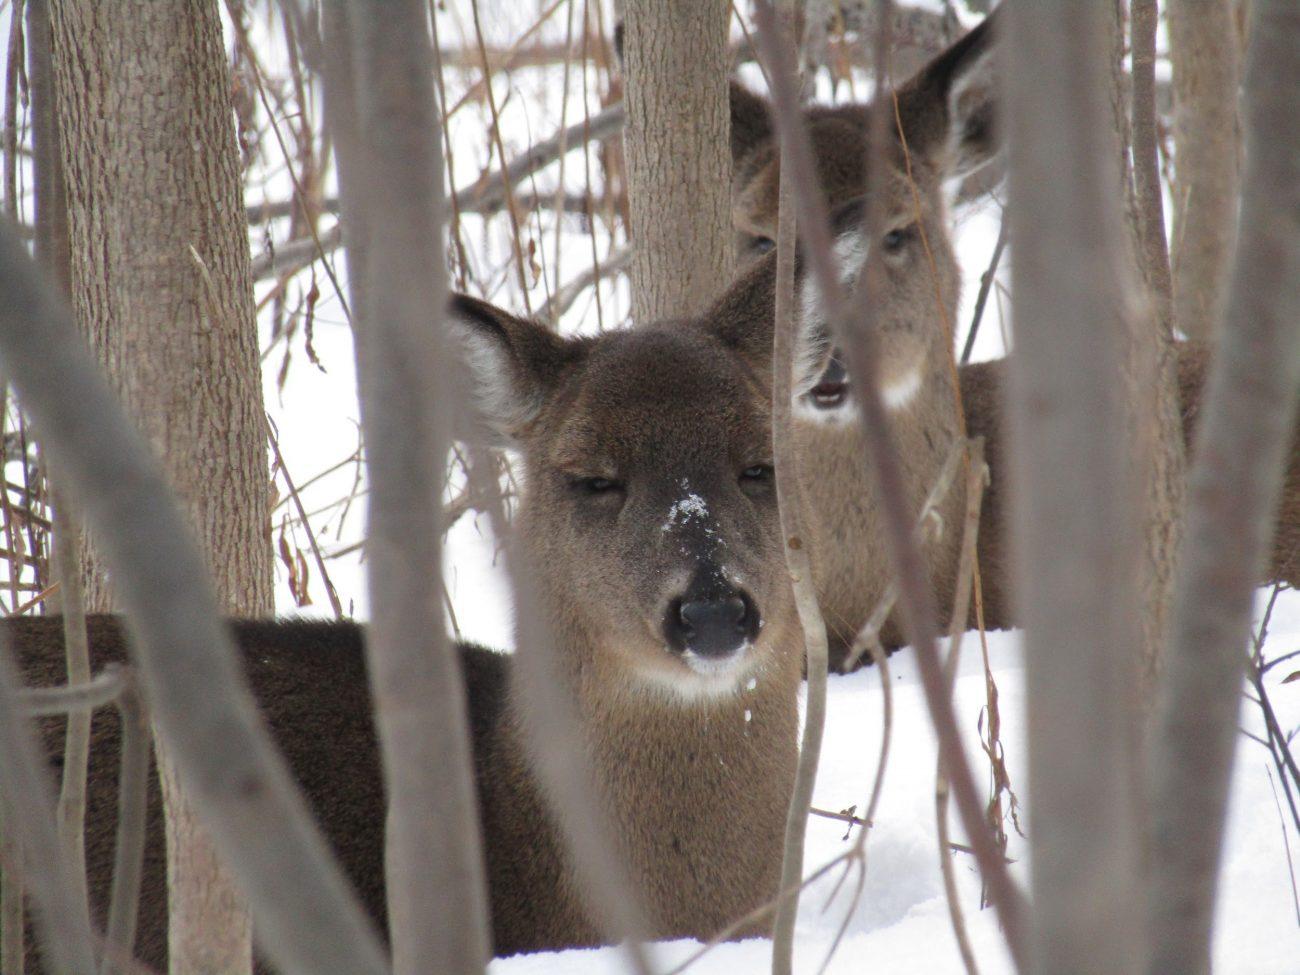 Les cerfs de Virginie sont les mammifères les plus visibles à la réserve naturelle du Marais-Léon-Provancher.